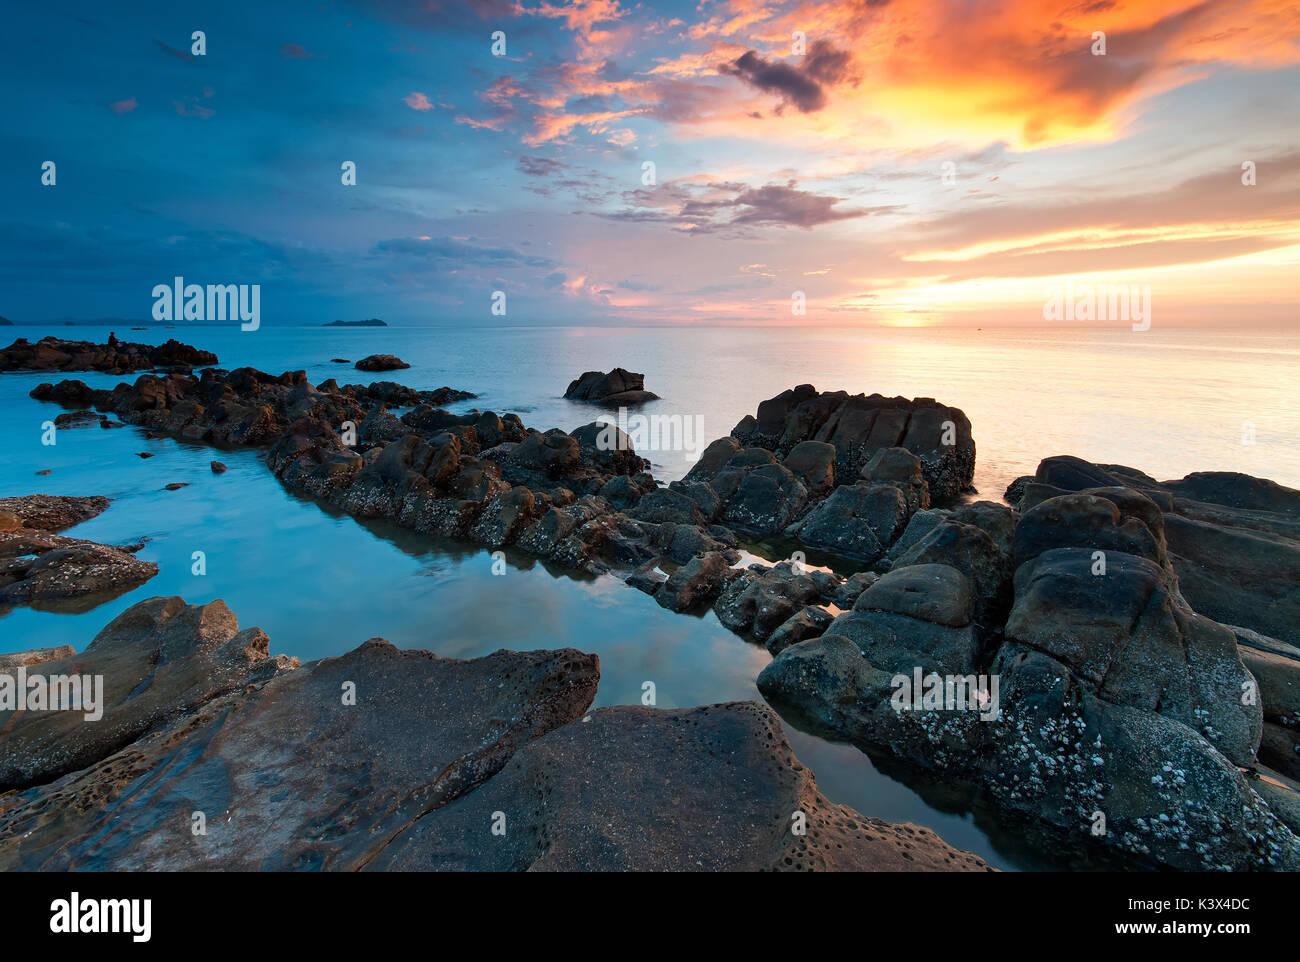 Beautiful sunset in Kota Kinabalu beach, Sabah Borneo, Malaysia. - Stock Image